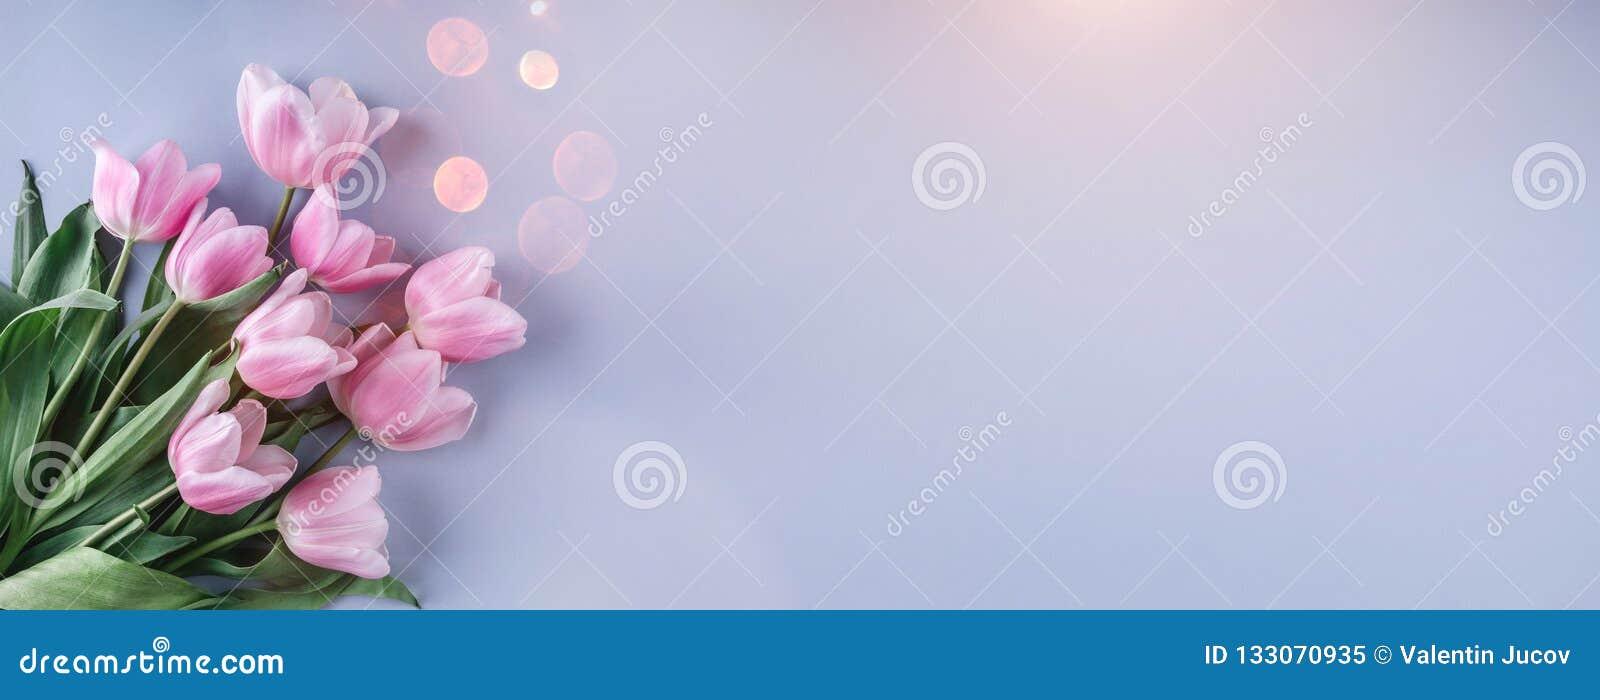 El ramo de tulipanes rosados florece sobre fondo azul claro Tarjeta de felicitación o invitación de la boda